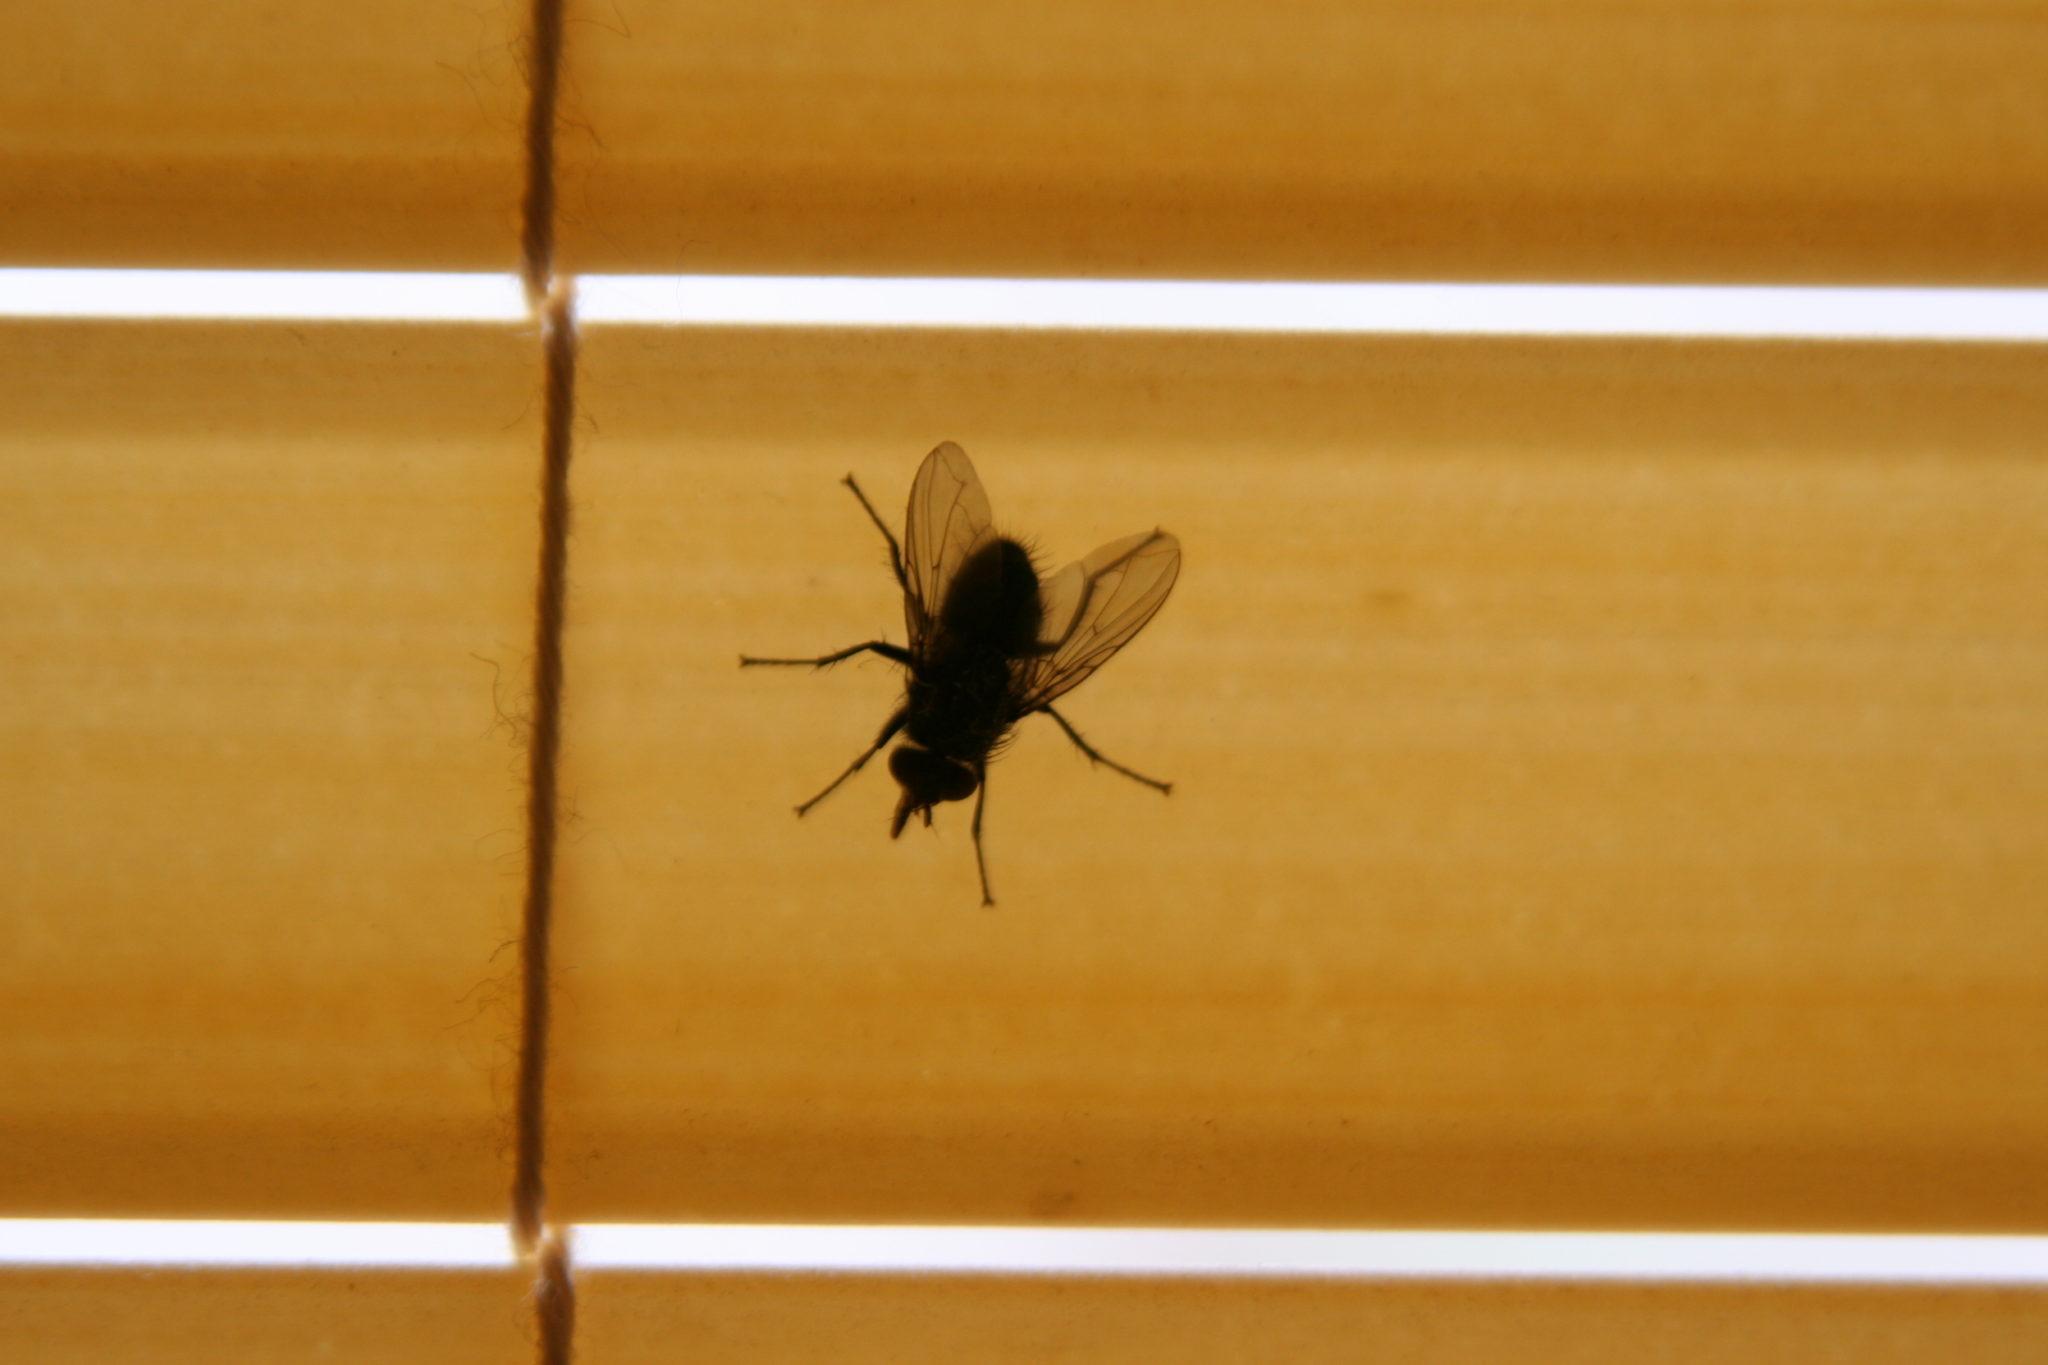 Как избавиться от мух в доме или в квартире? механические, химические и народные средства избавления от мух в квартире - автор екатерина данилова - журнал женское мнение